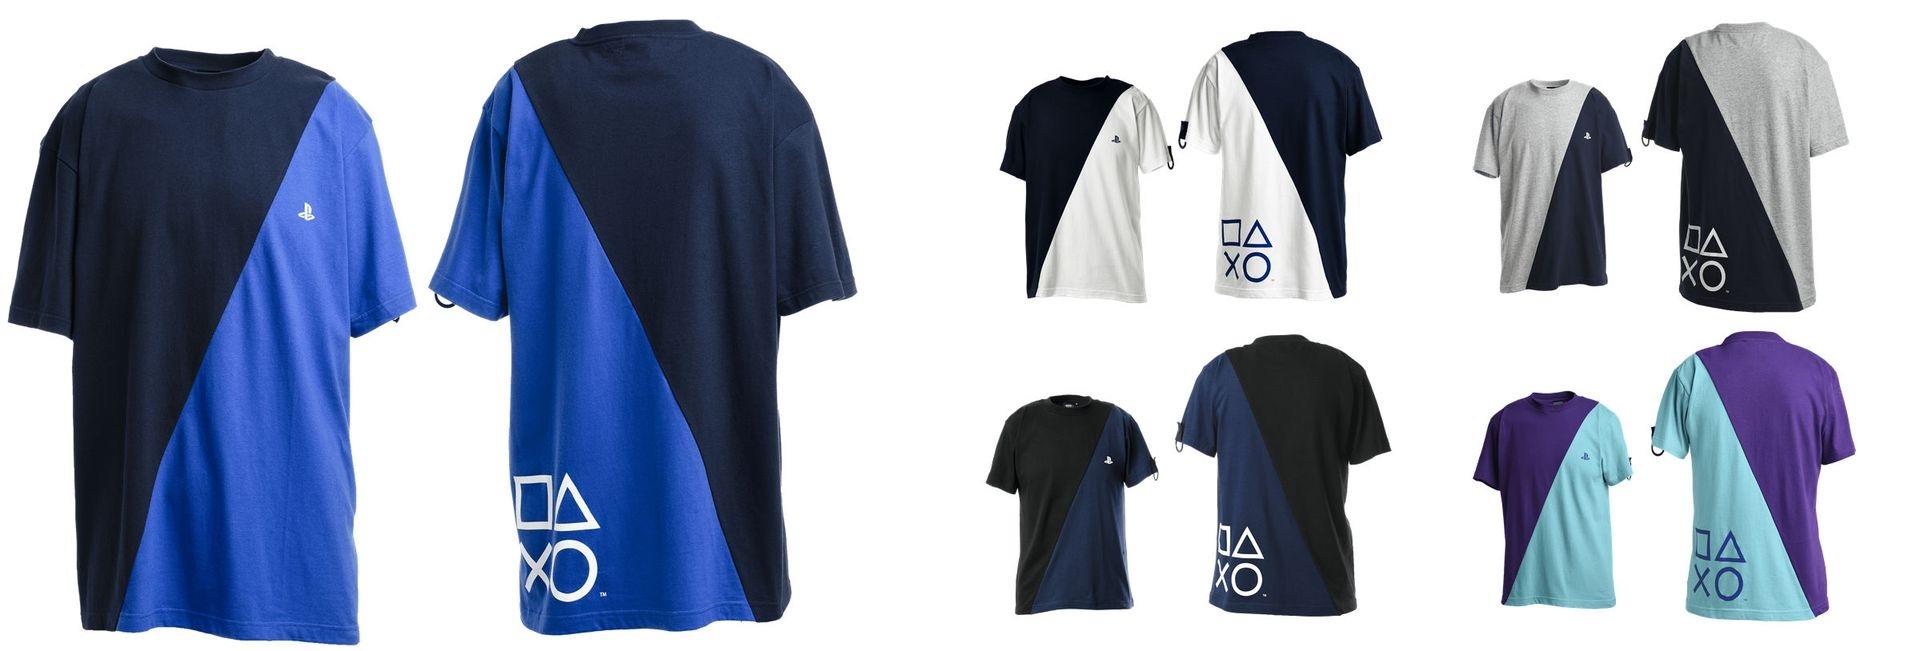 リメイク加工 TシャツB / PlayStation